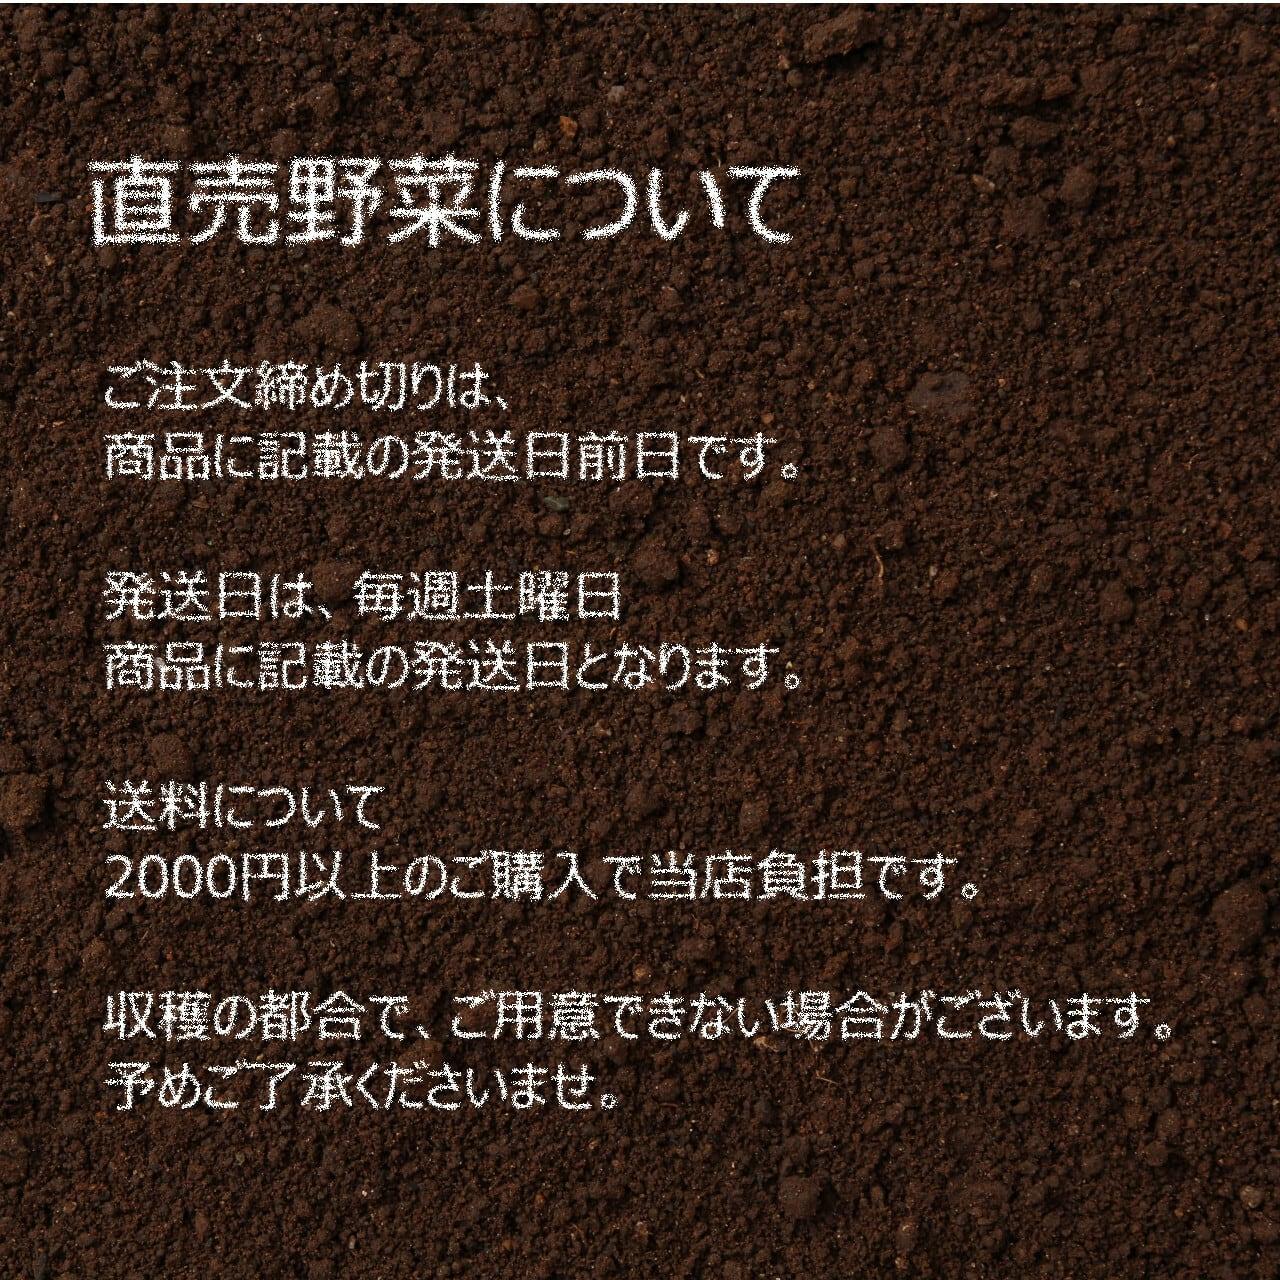 ニンニク 約1~2個 : 6月の朝採り直売野菜 春の新鮮野菜 6月19日発送予定